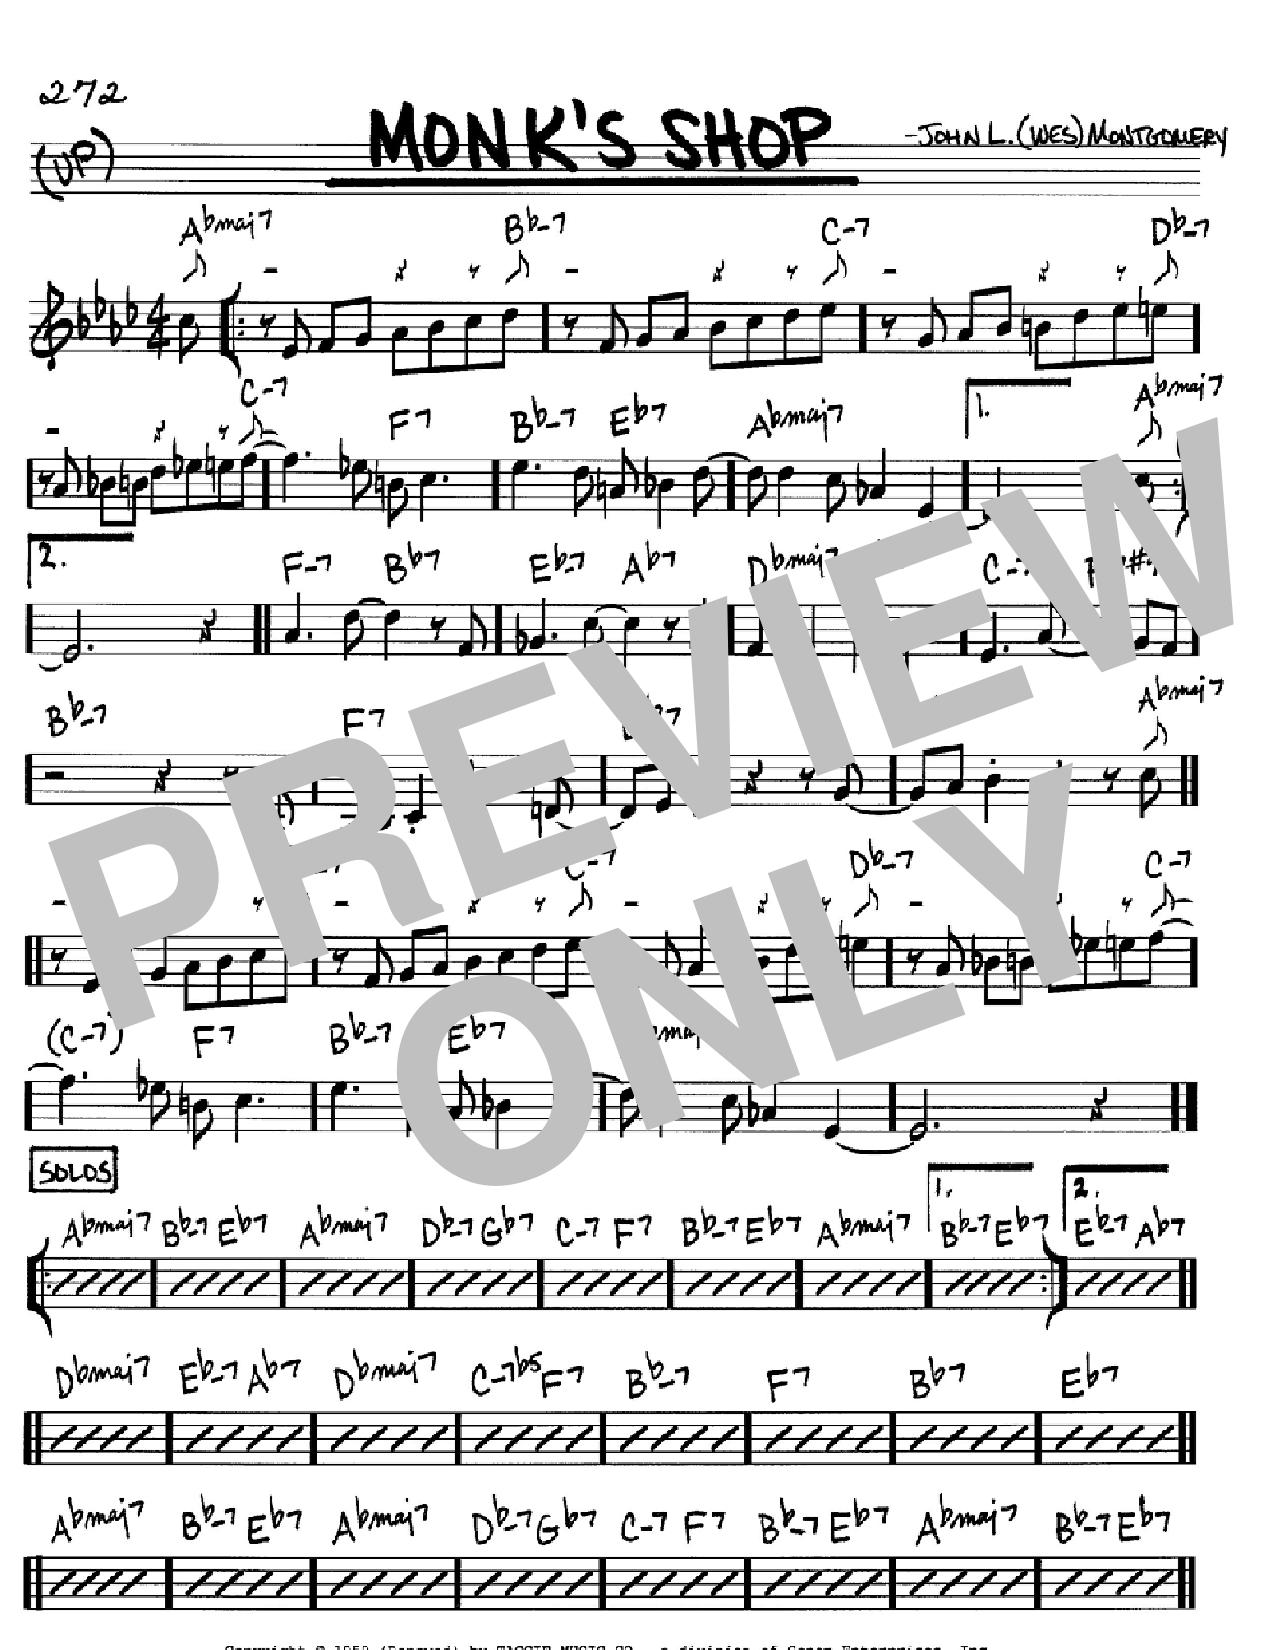 Monk's Shop Sheet Music